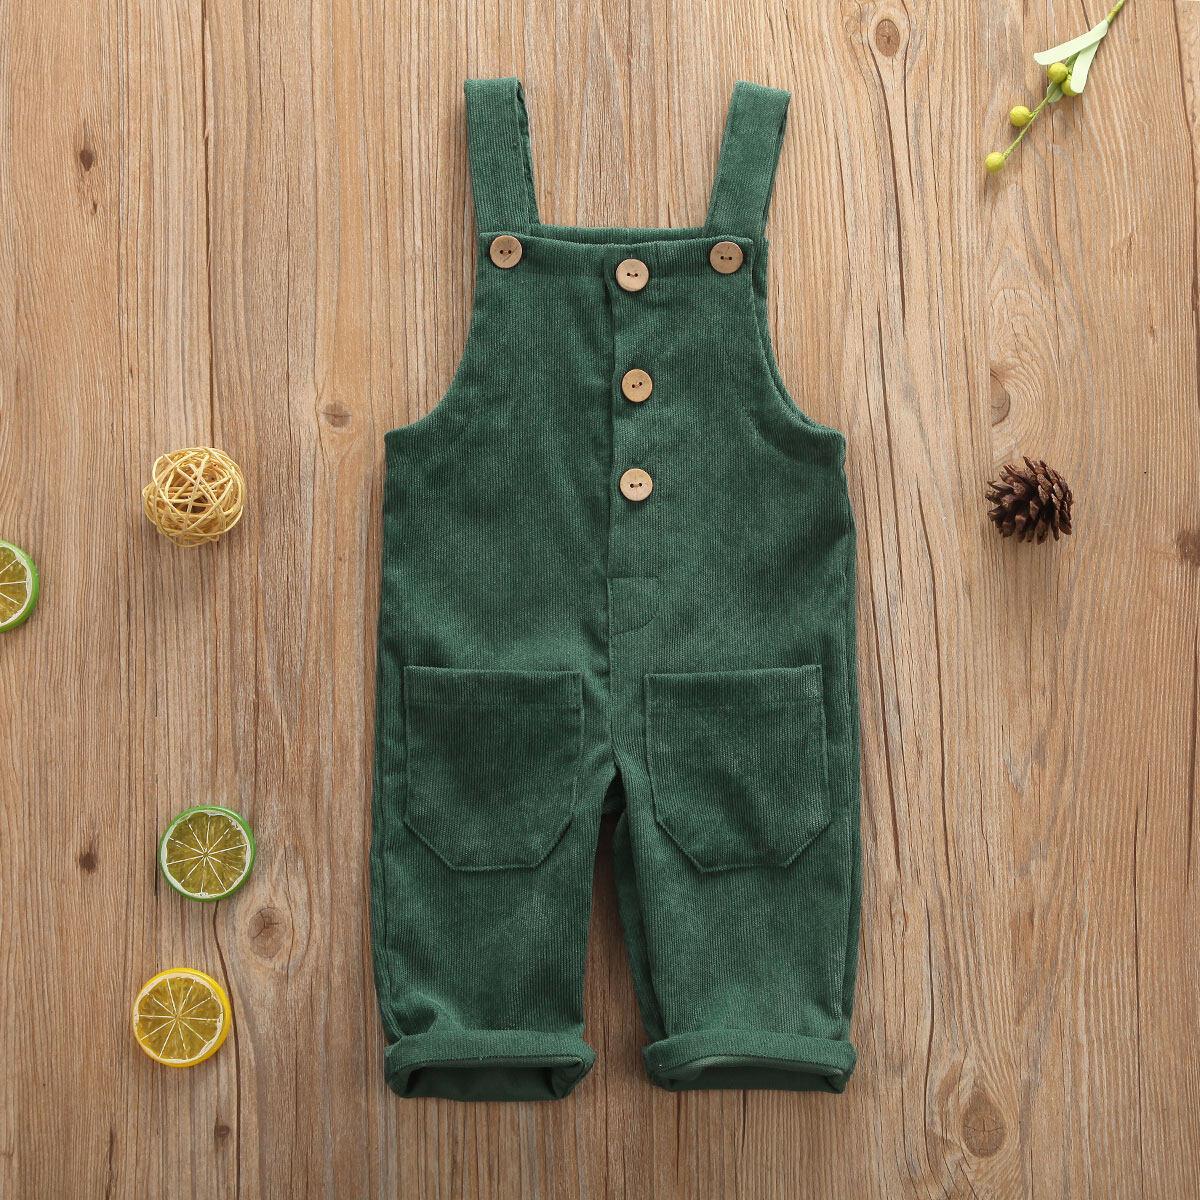 M & Bเด็กชายเด็กผู้หญิงsolidโดยรวมกางเกงขายาวสายเอี๊ยมcasual Corduroyเอี๊ยมทารกกางเกงoutwearสำหรับ 0-5 ปีเด็กวัยหัดเดินเด็ก.